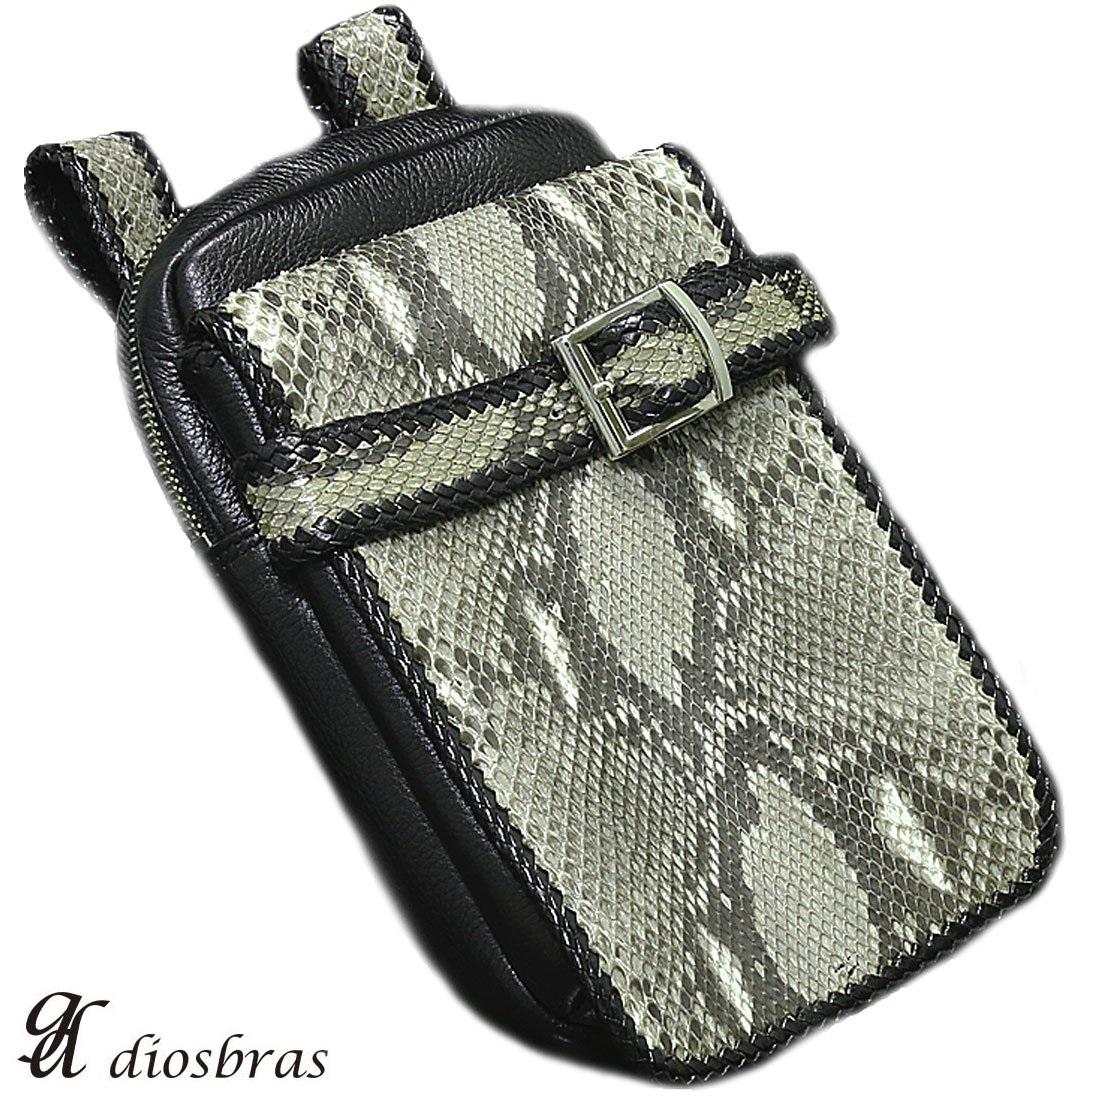 【diosbras-ディオブラス-】本革 サイドバック ダイヤモンドパイソン使用 蛇革 ウエストバック 牛革 ウォレットホルダー サイドバック 携帯 タバコ ケース